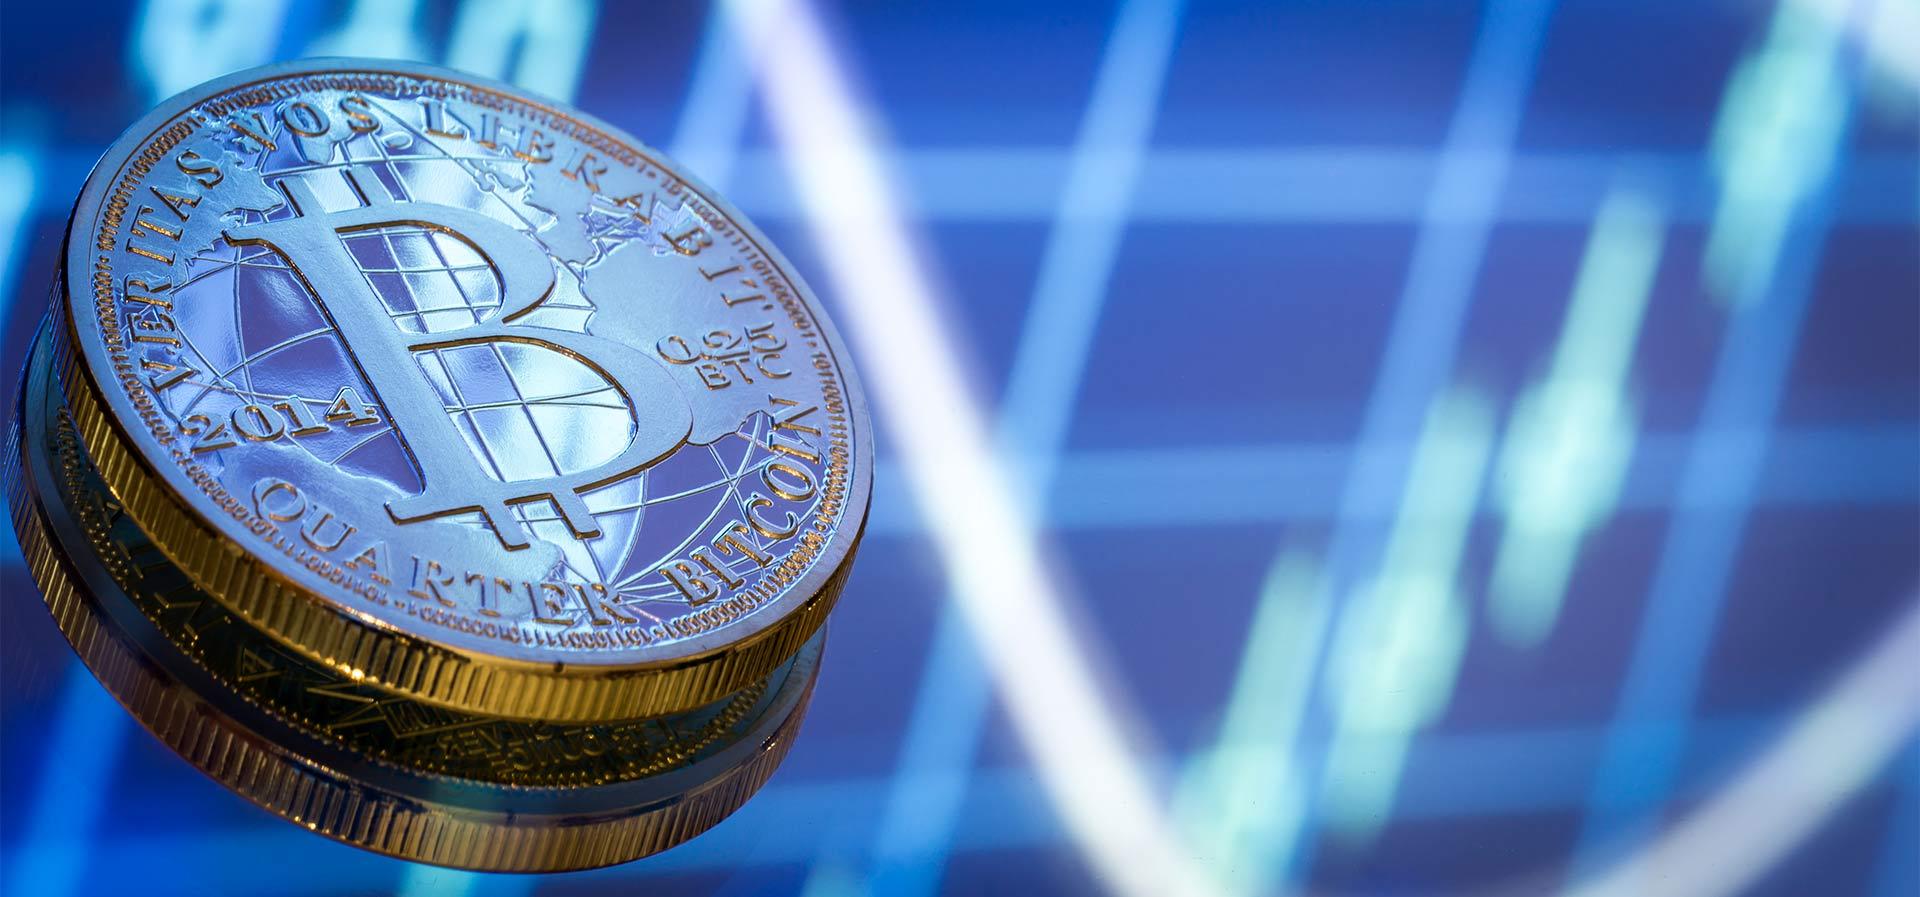 Exponencial-Confirming-Affirmatum-Colombia-Criptomoneda-Bitcoin-transacciones-venta-compra